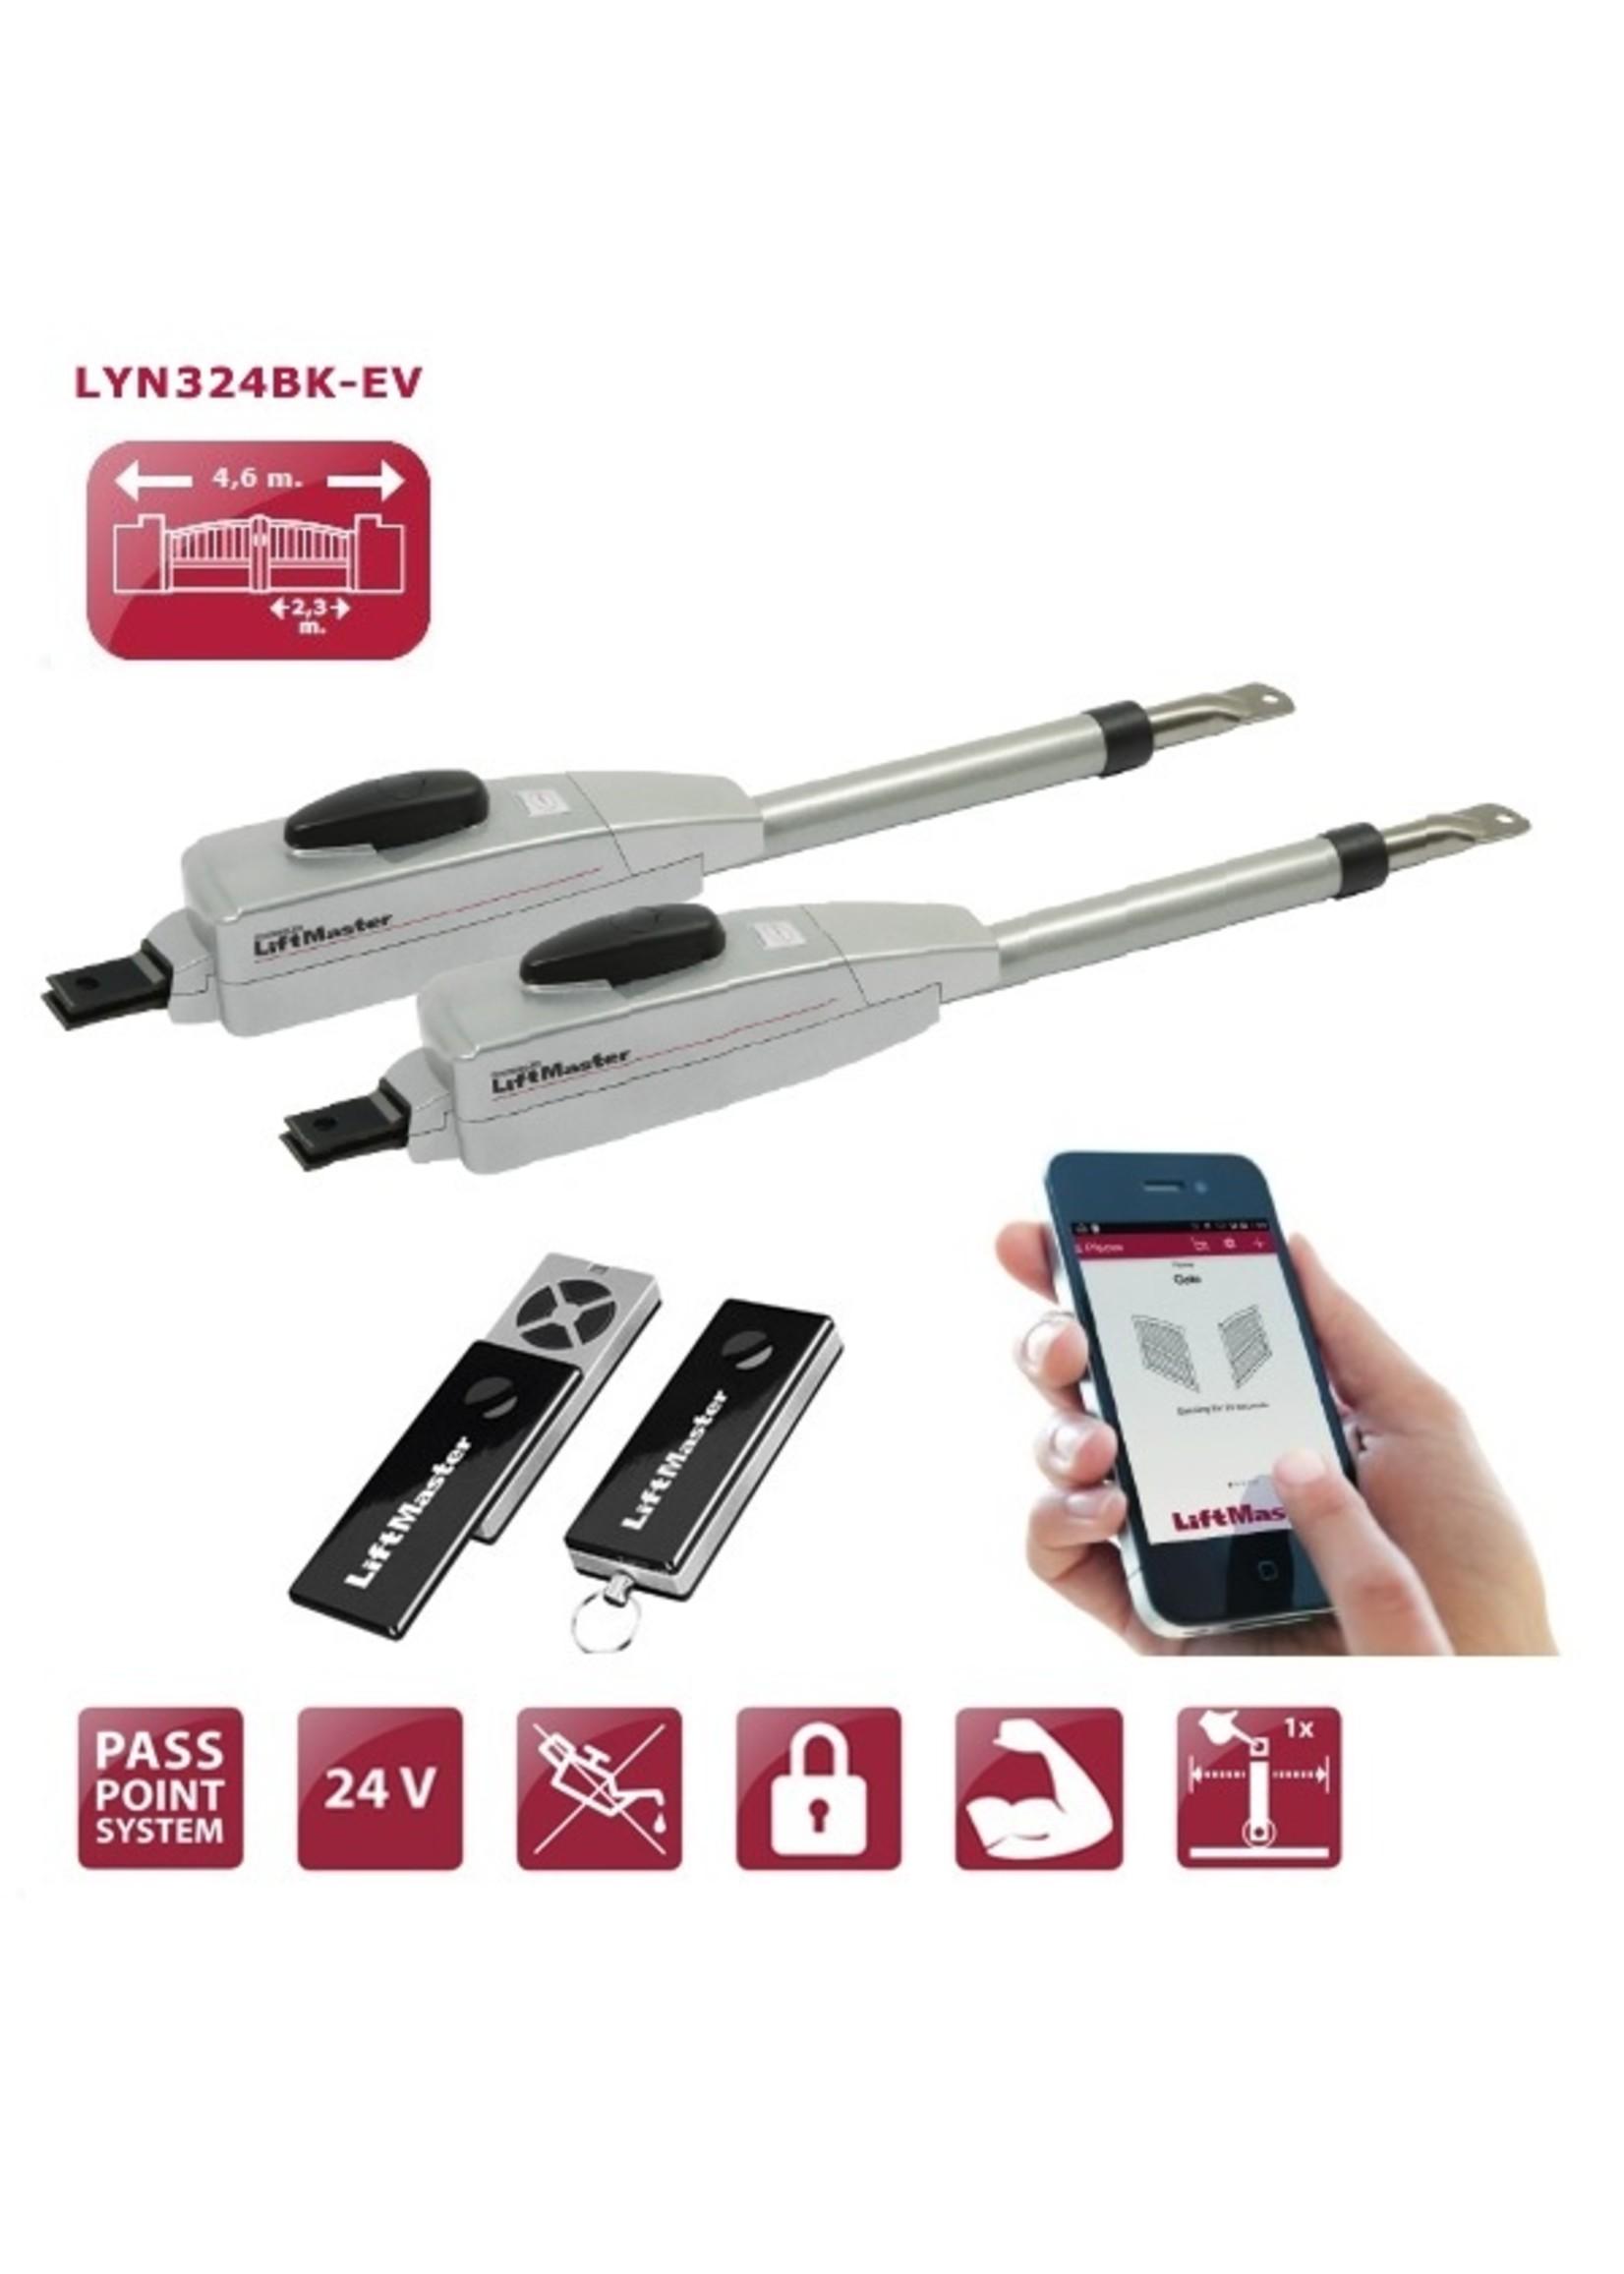 Liftmaster LYN324K-EV Poortopener kit voor vleugelpoorten LYN300-24